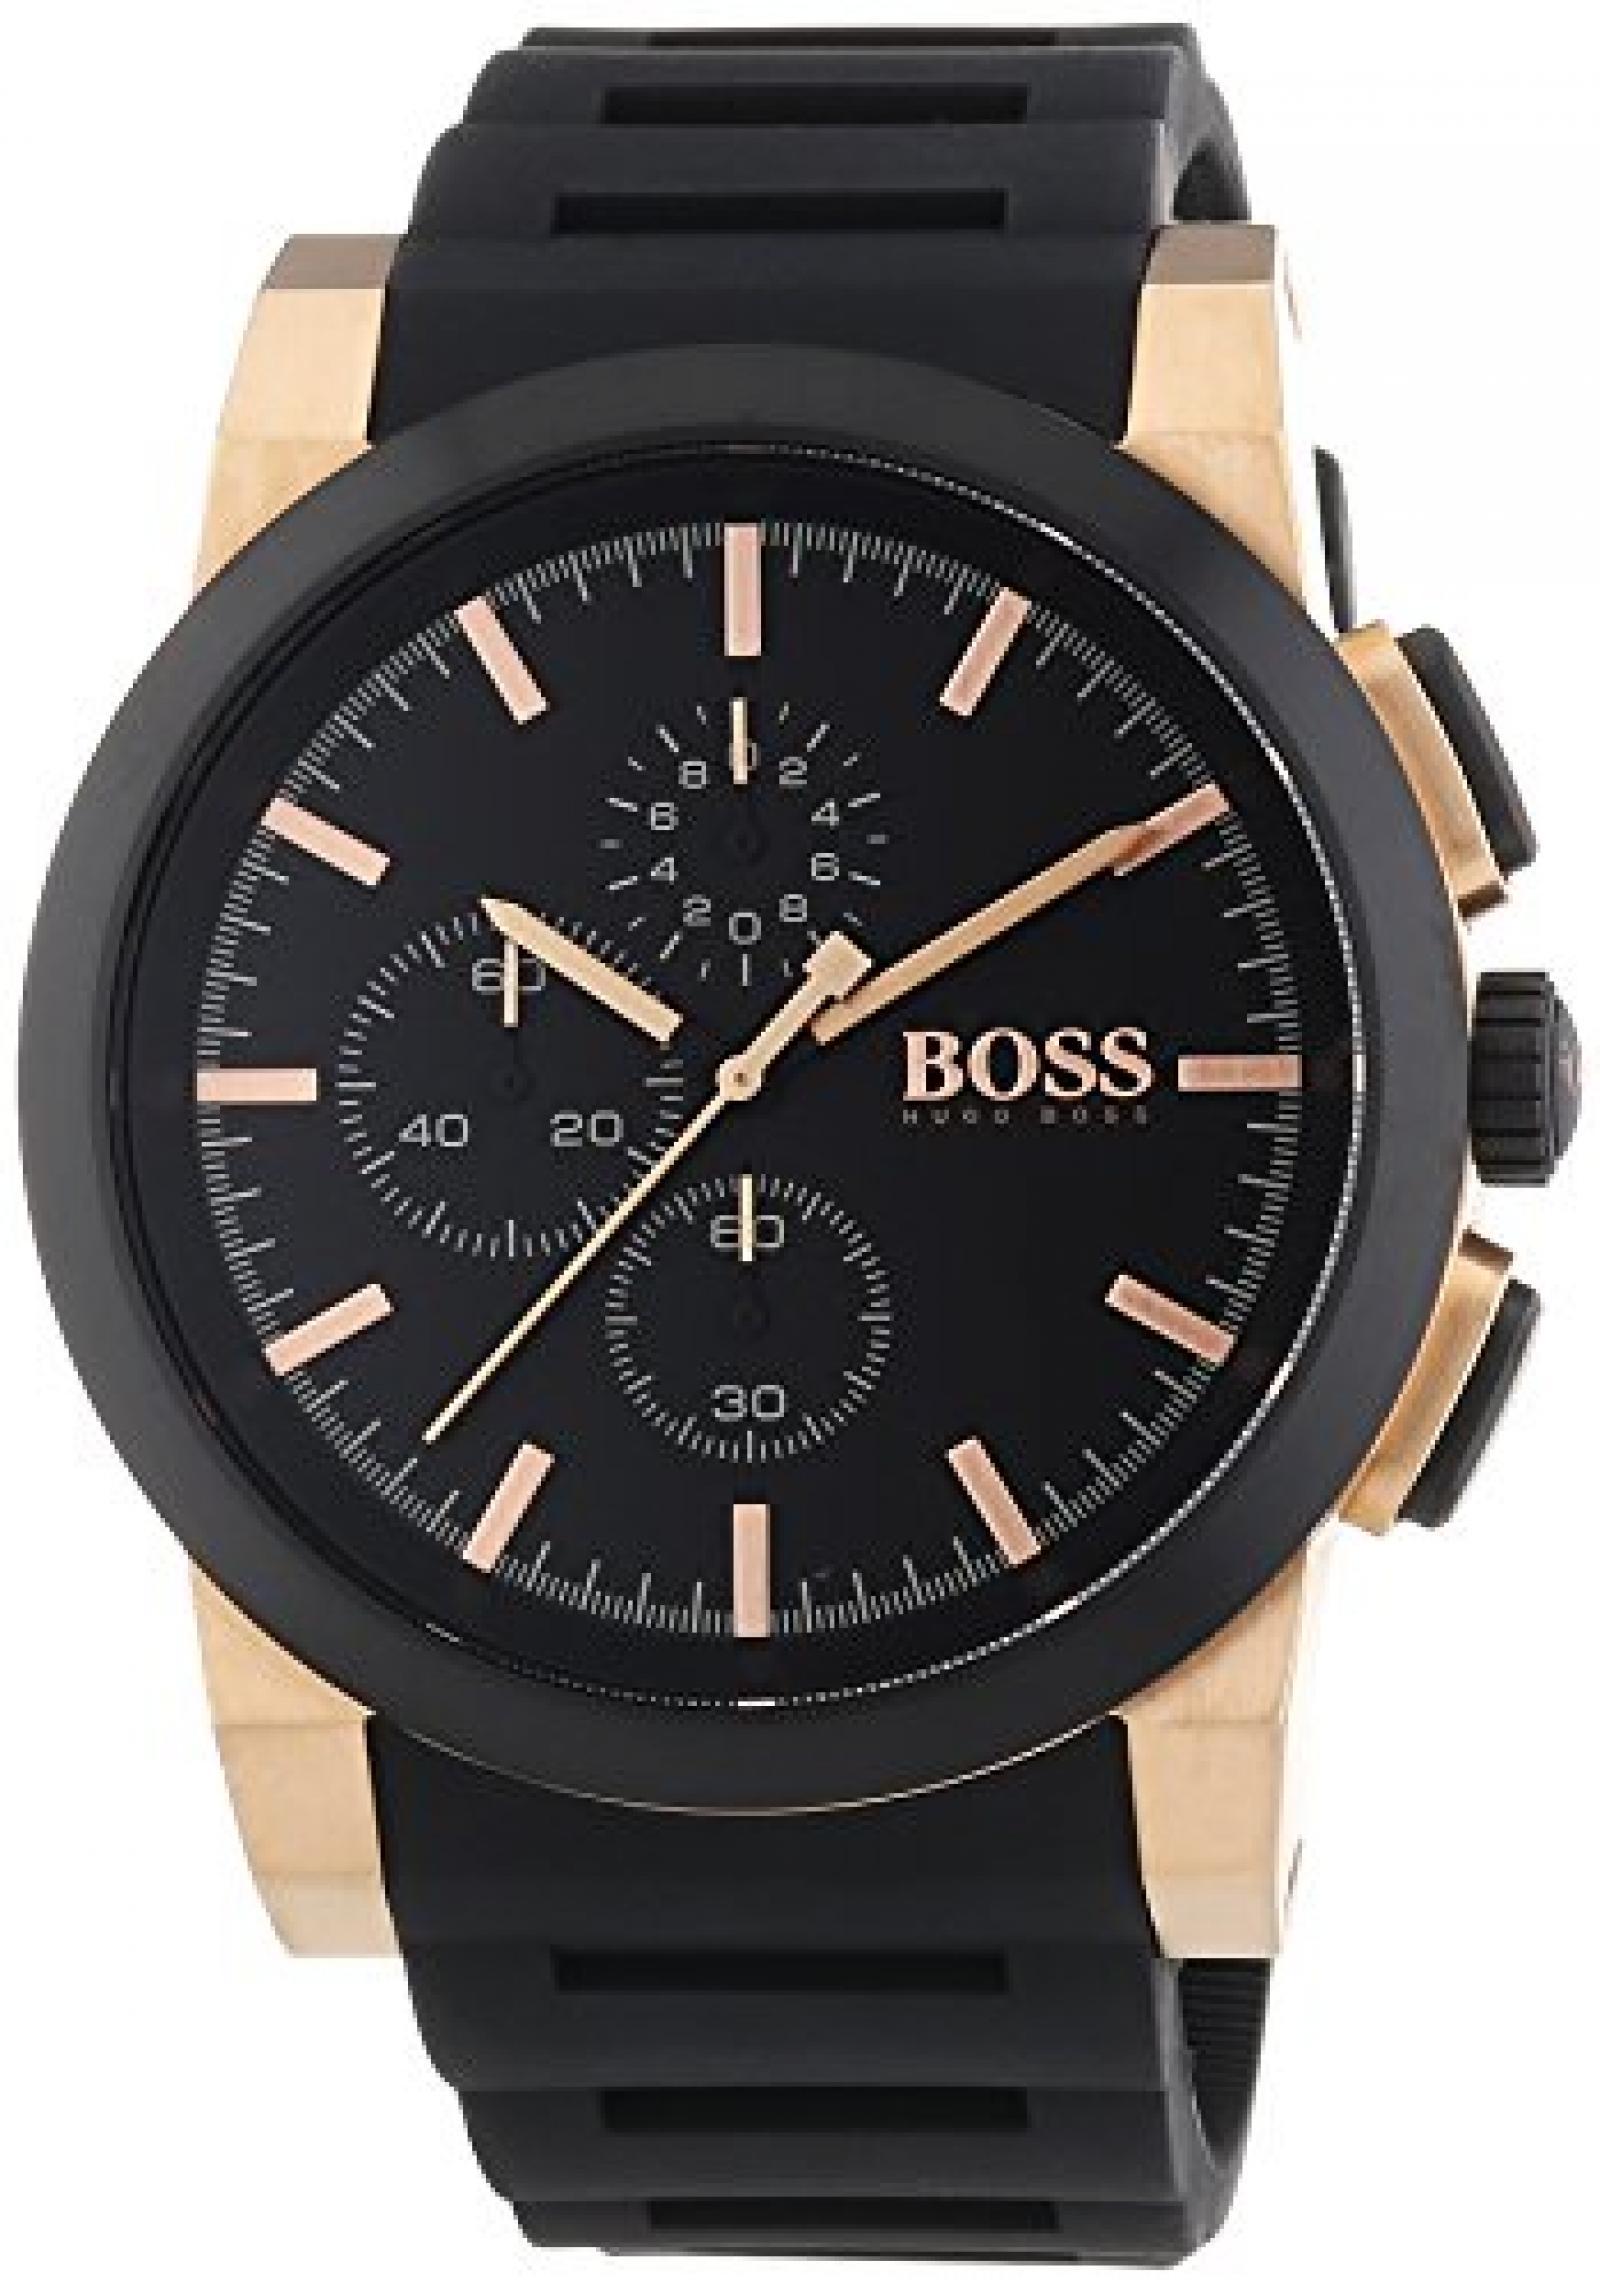 Hugo Boss Herren-Armbanduhr XL Neo Chronograph Quarz Silikon 1513030